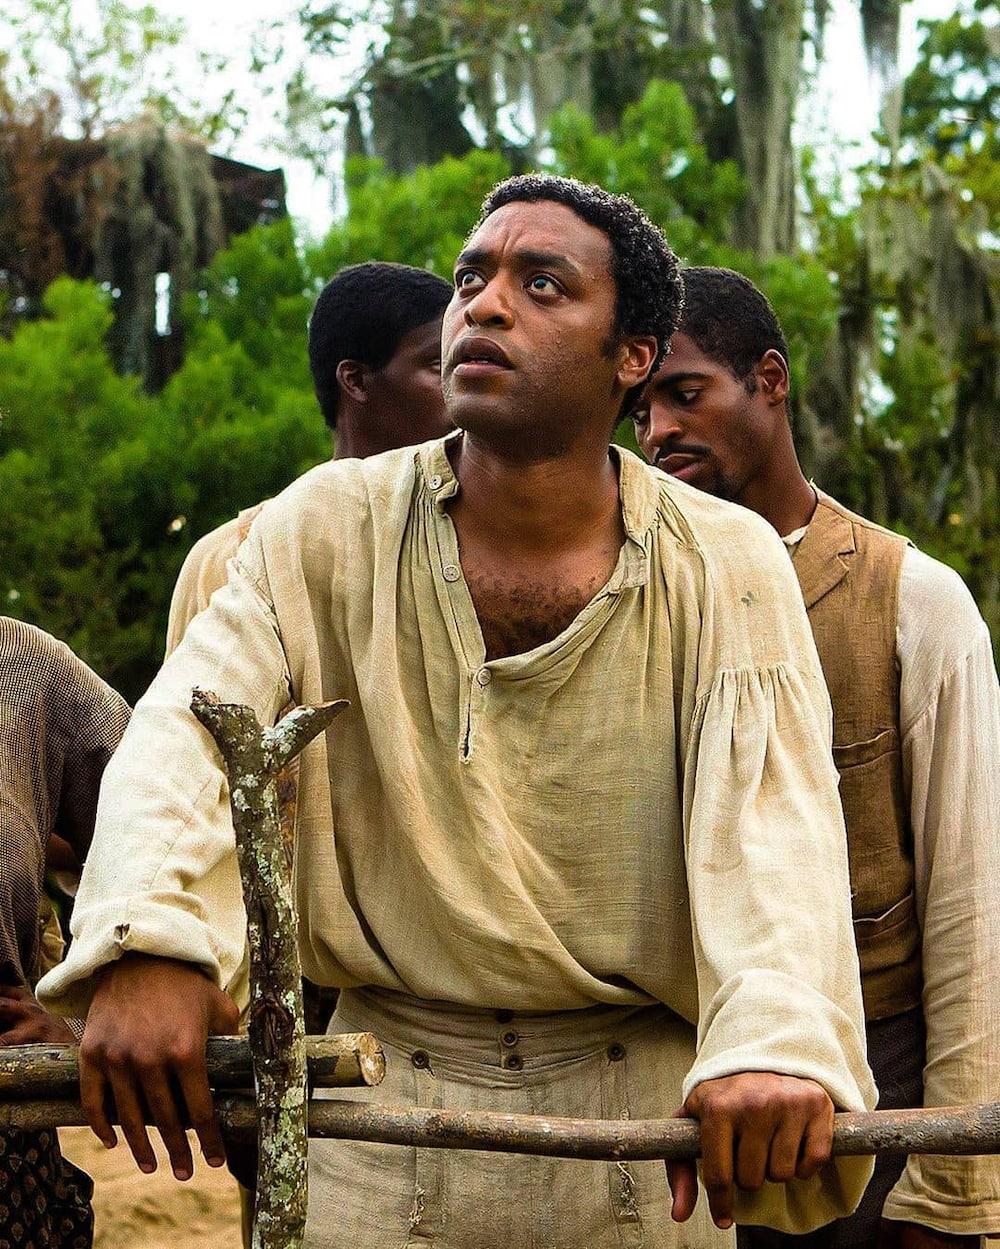 Nigerian actors in Hollywood